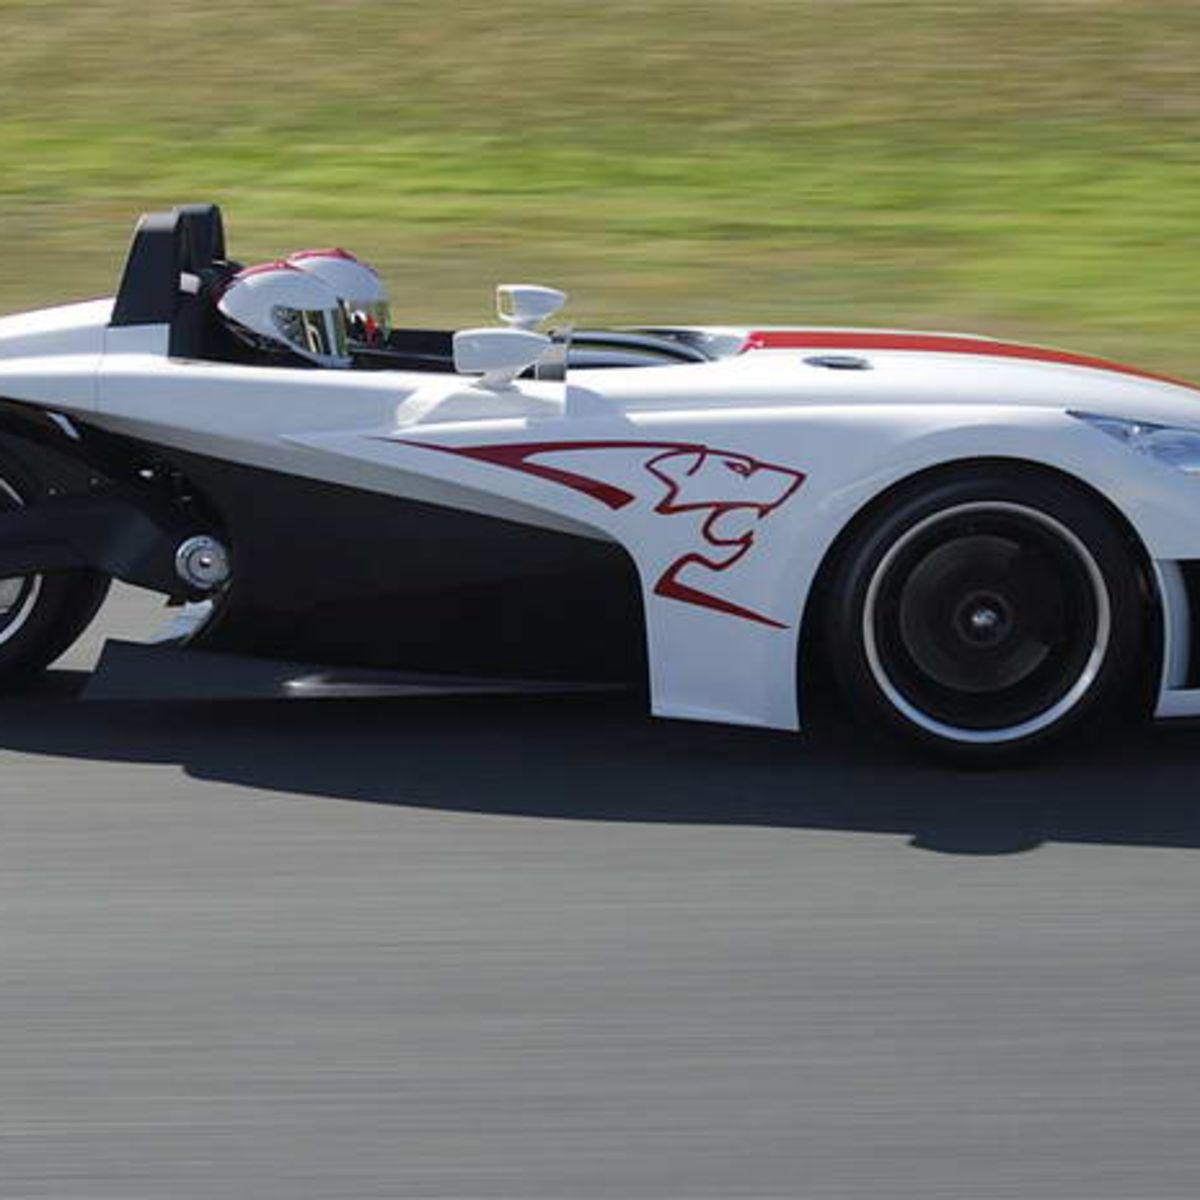 20Cup: Peugeot 3-wheel concept car